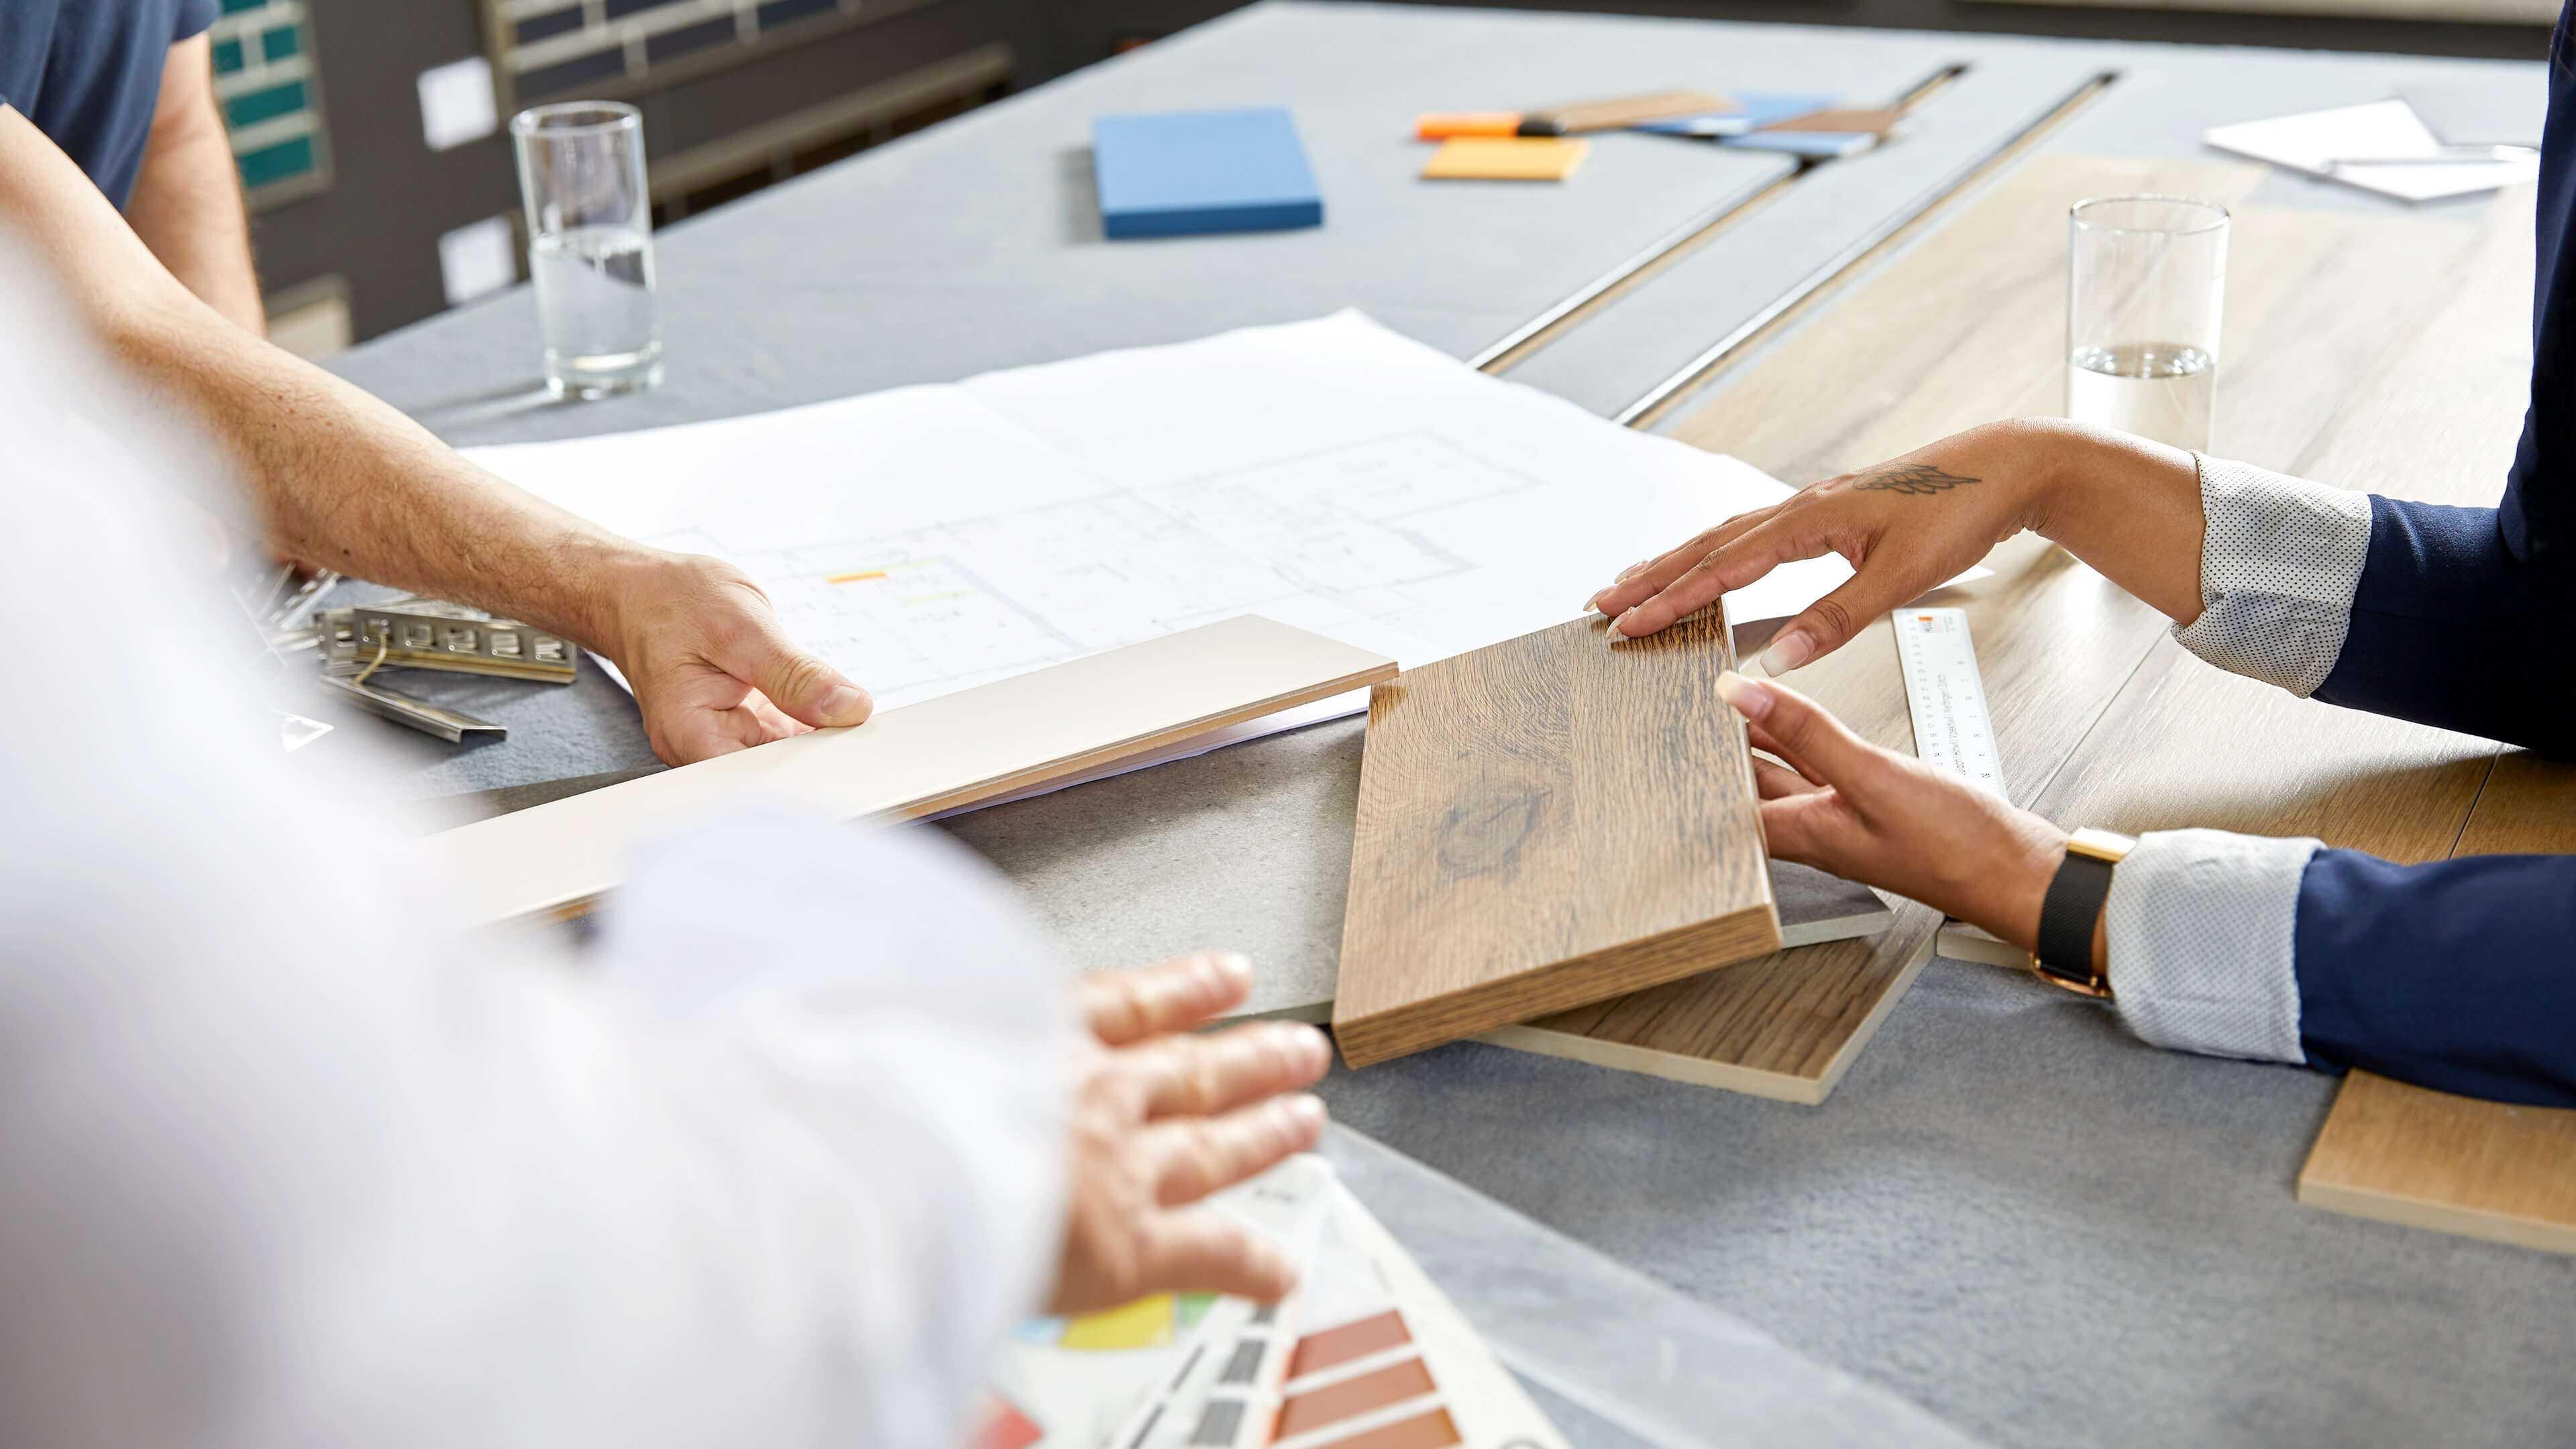 Keramikplatten, Bad- und Keramik-Ausstellungen und Beratung, Hinwil, Volketswil, Wettingen, Zürich